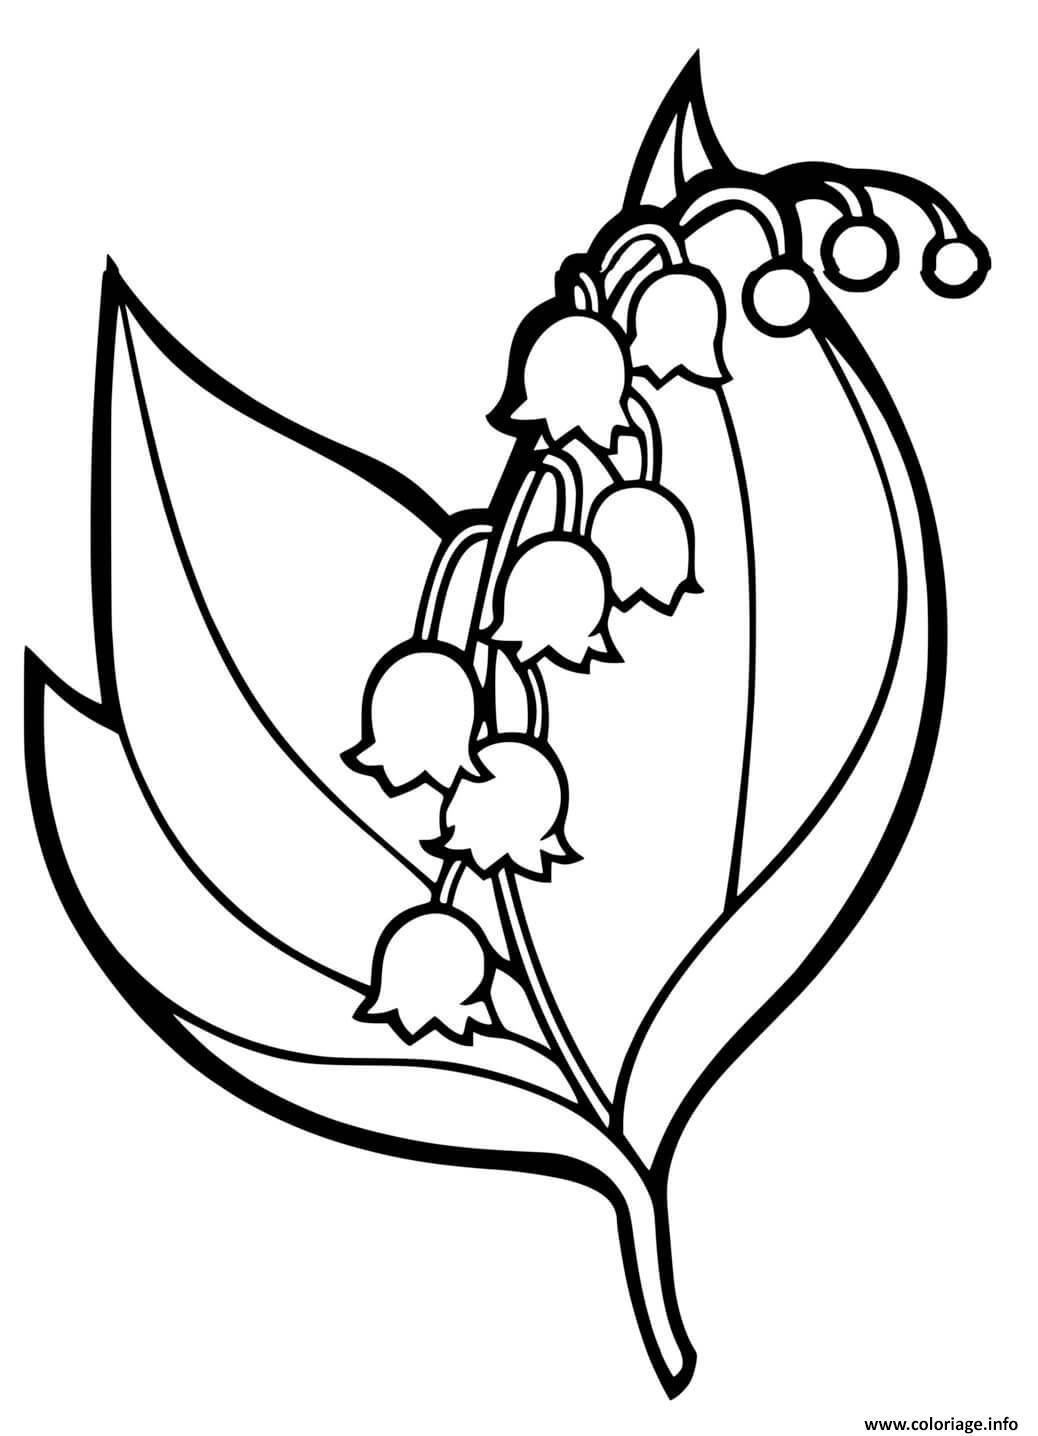 Dessin muguet de main fleur porte bonheur Coloriage Gratuit à Imprimer